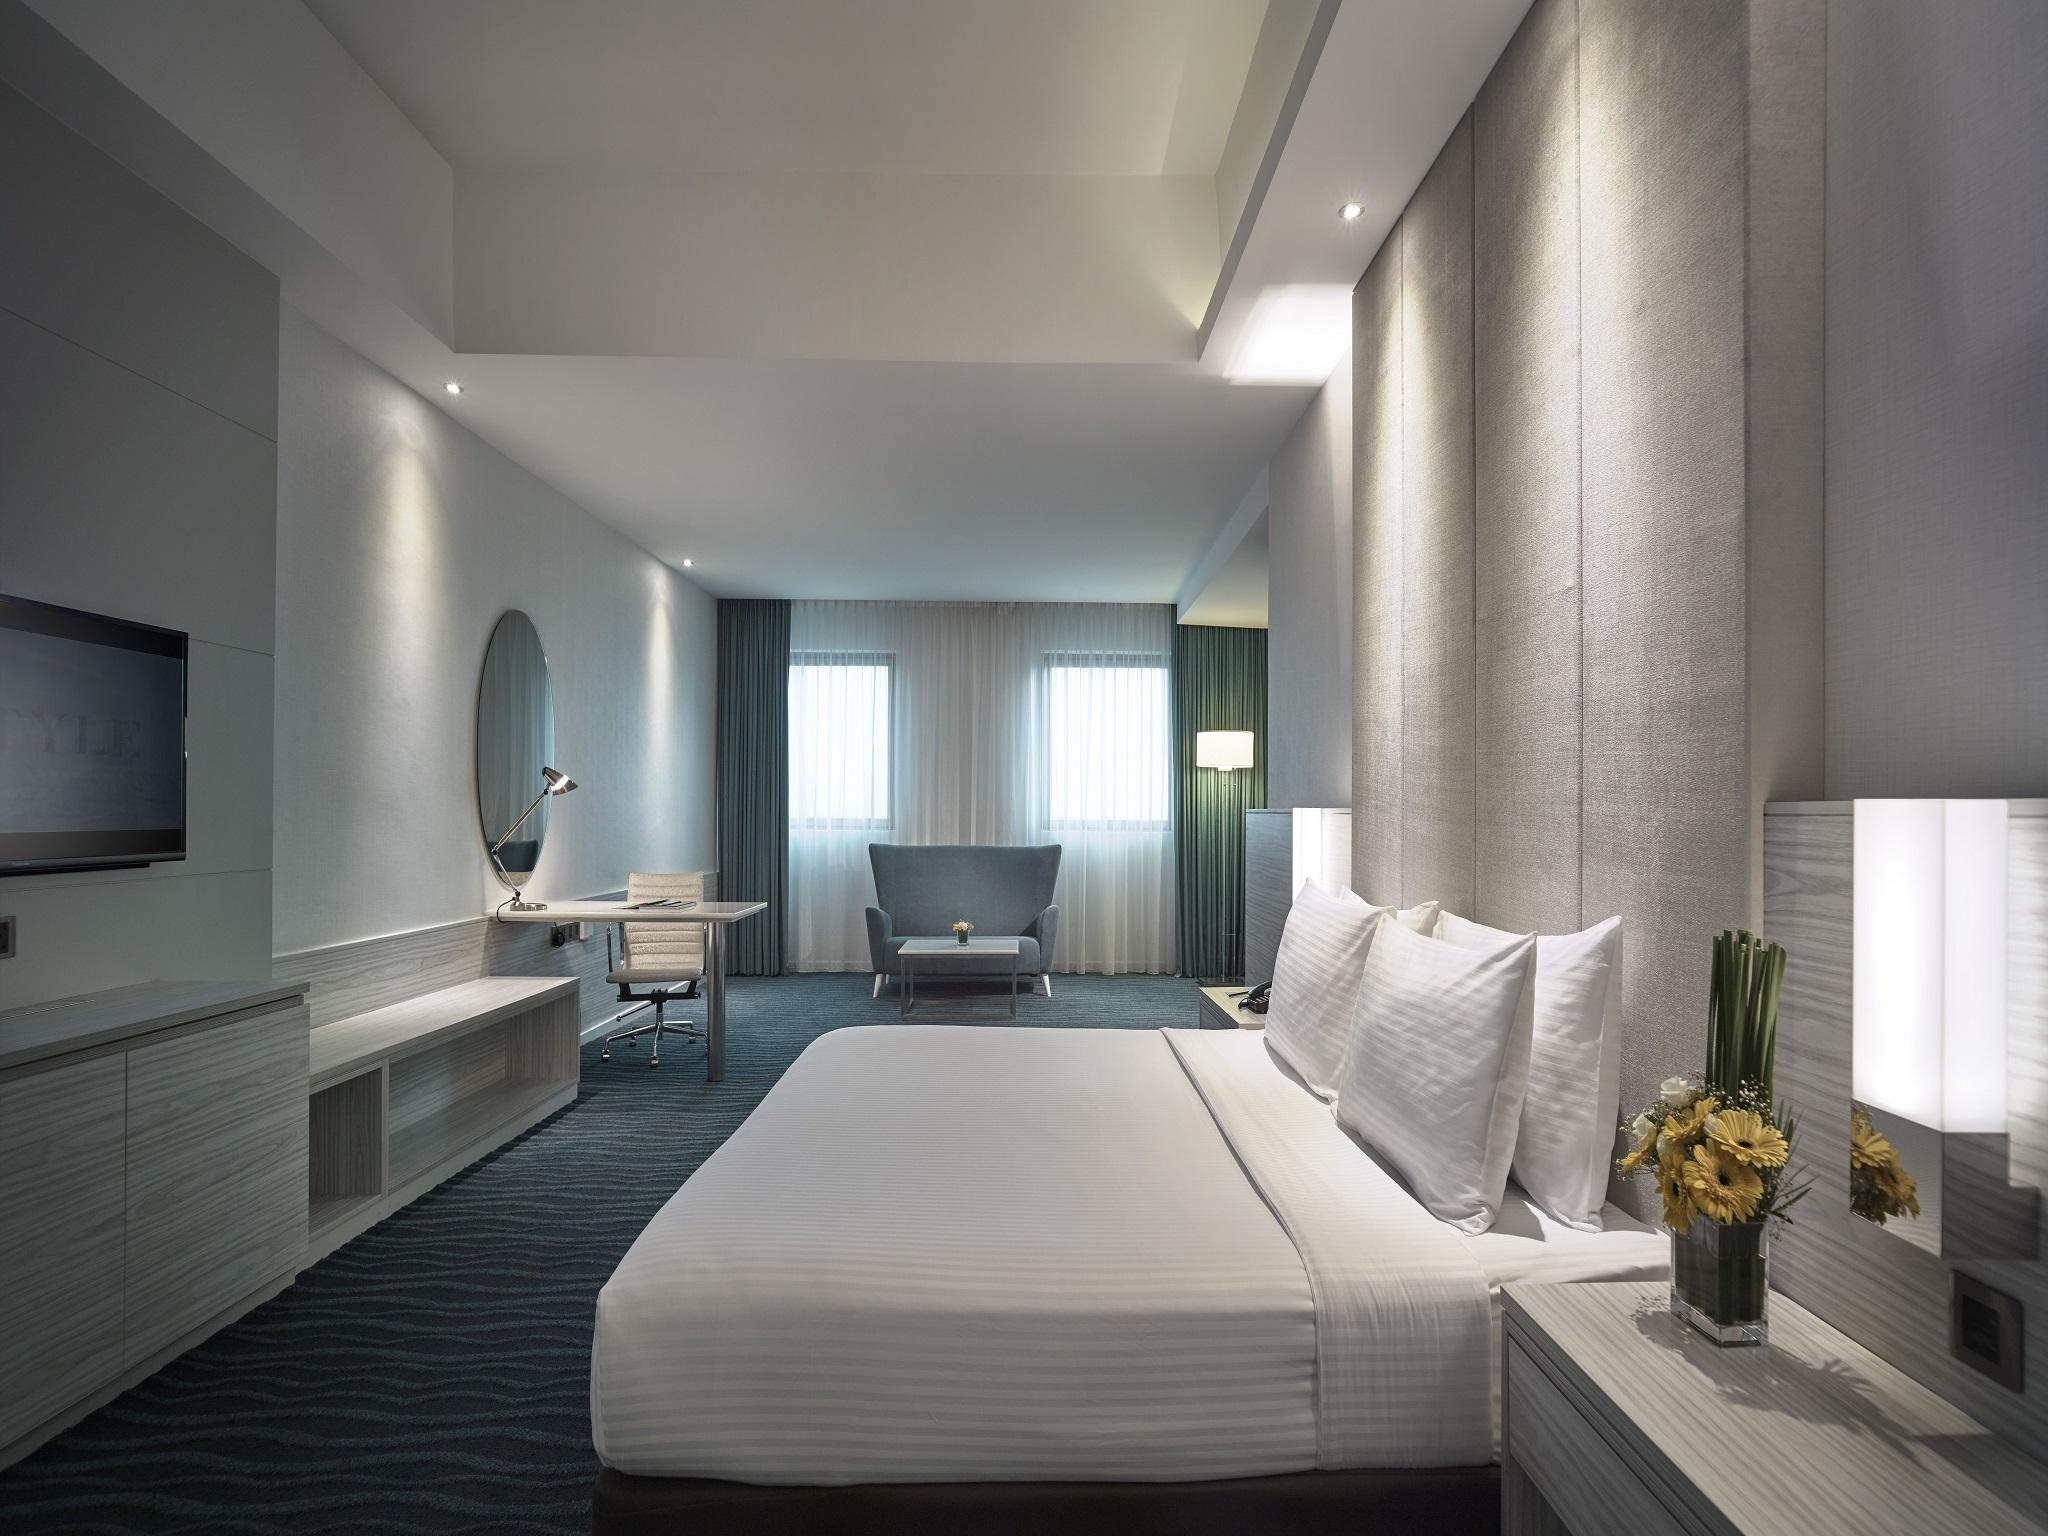 Sunway Putra Hotel Kuala Lumpur, Kuala Lumpur